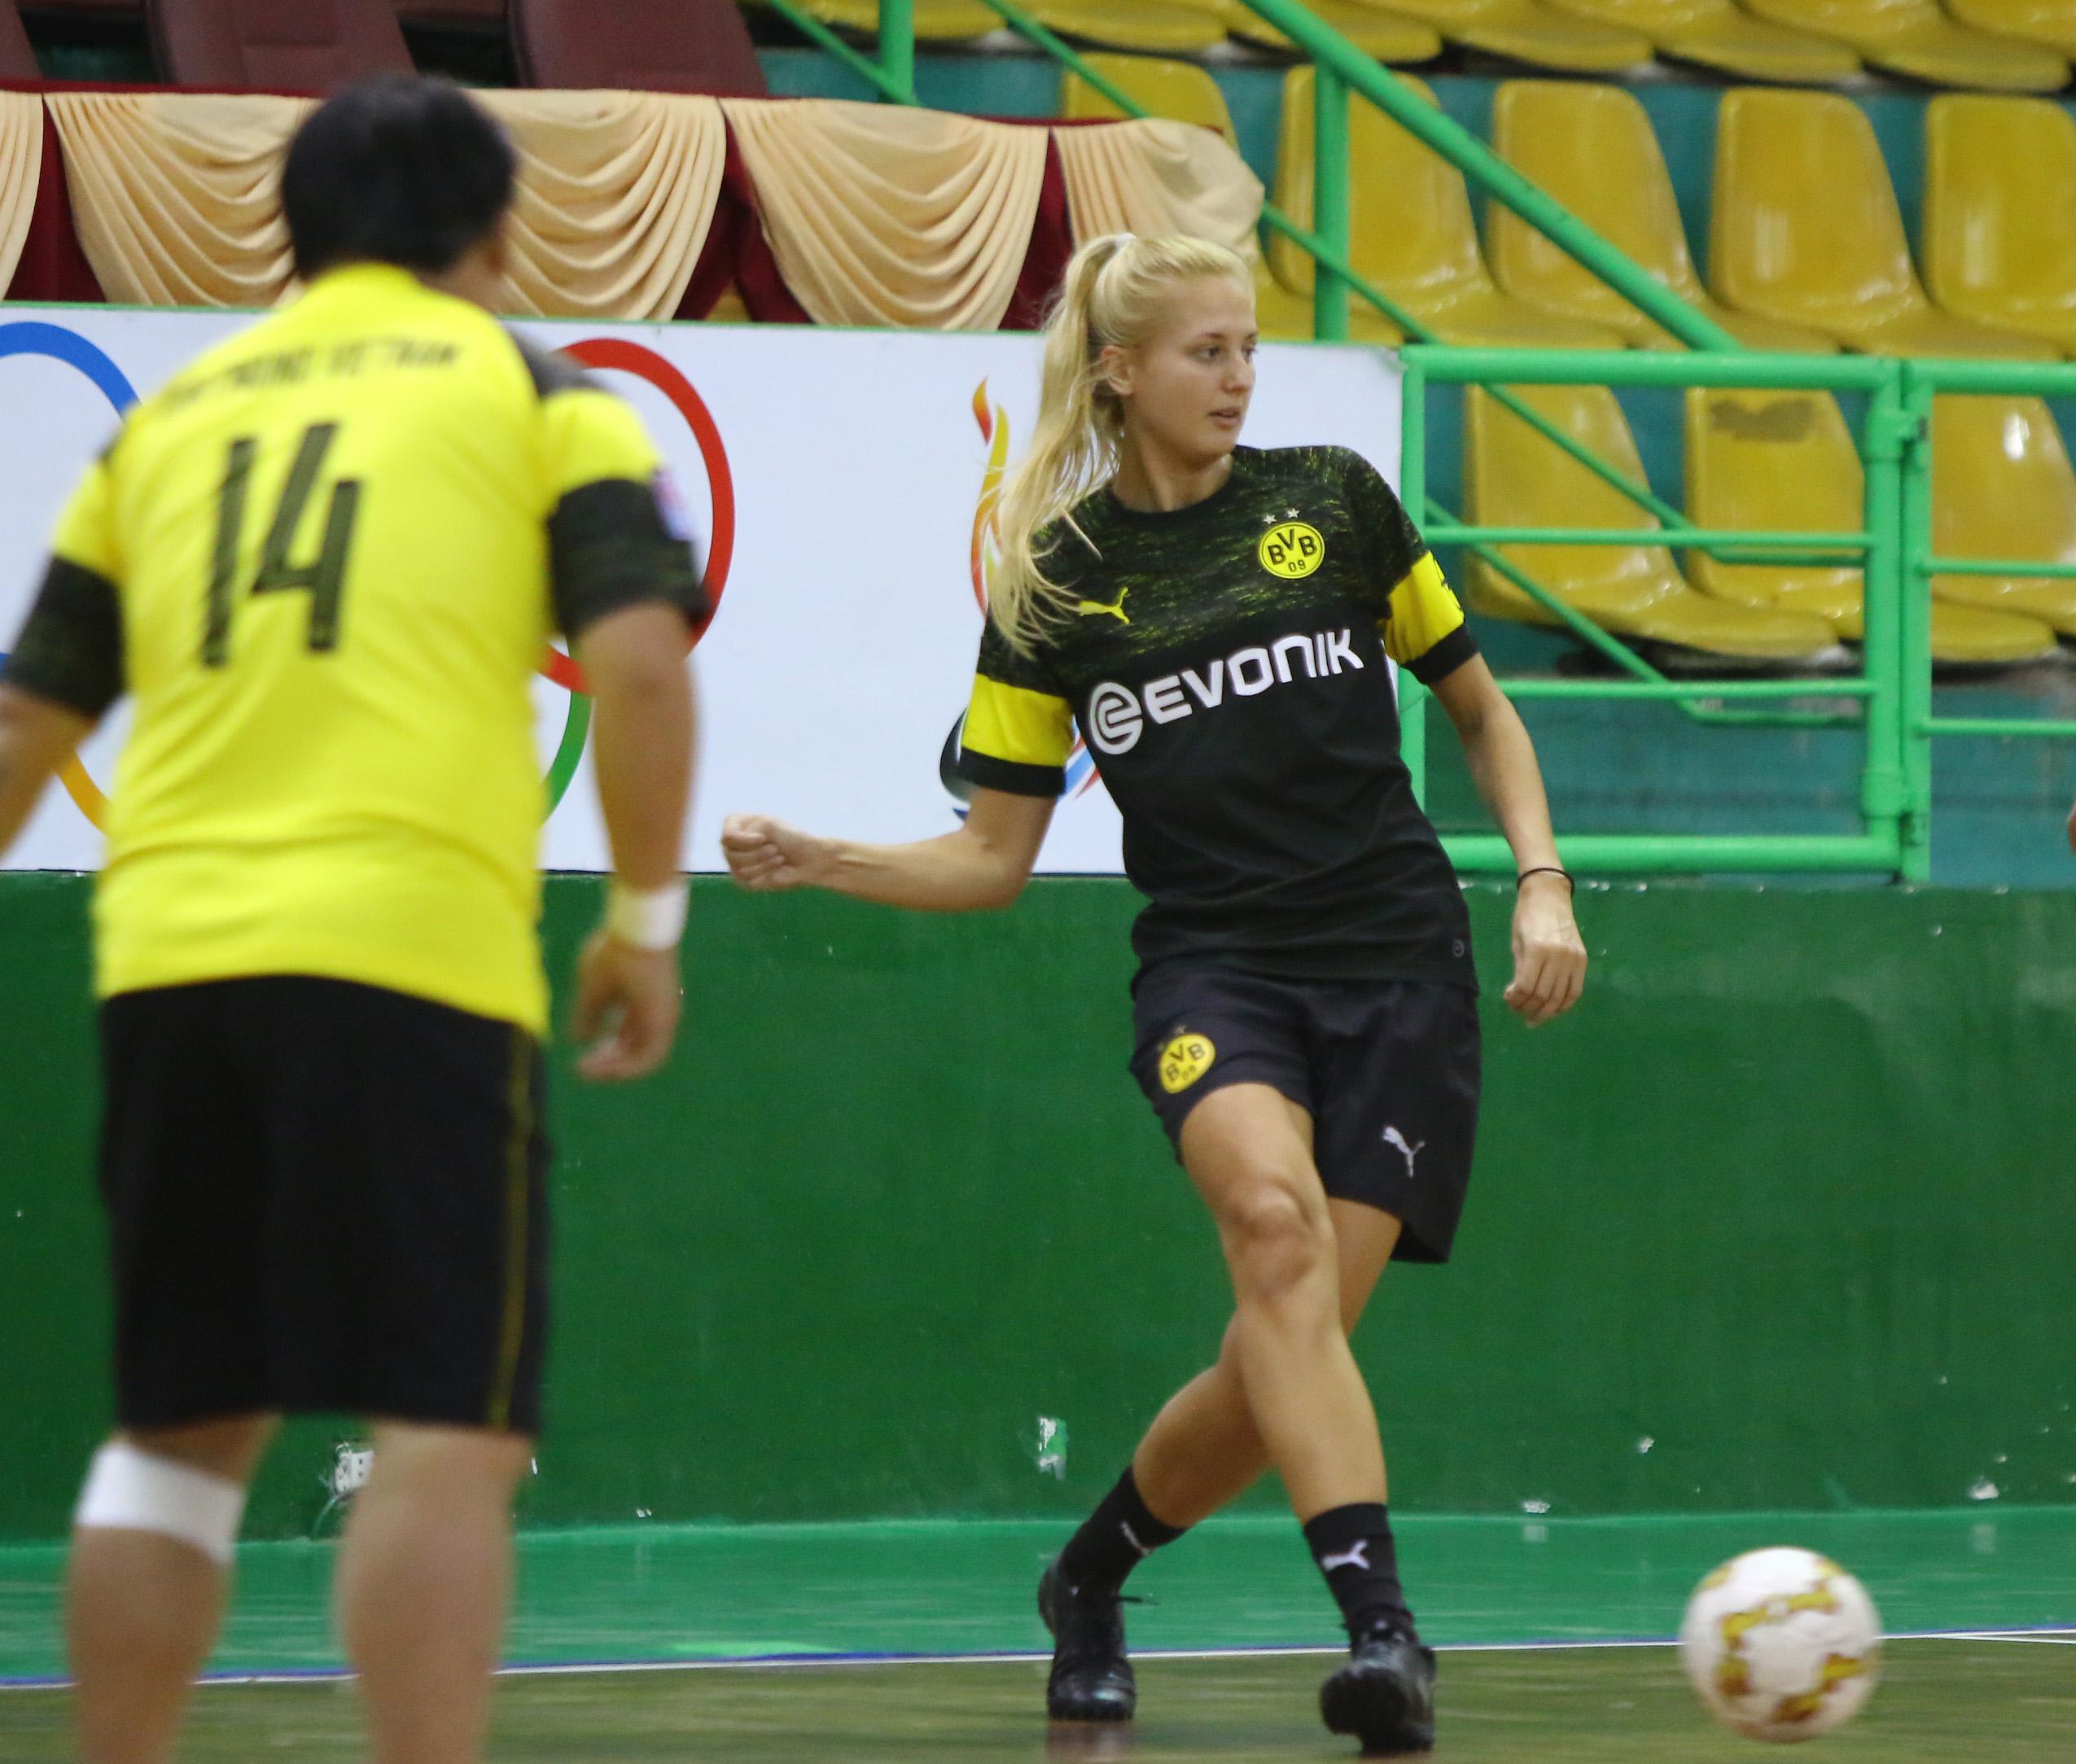 Fraser Sport vô địch giải giao hữu futsal CLB Borussia Dortmund (BVB)  - Bóng Đá